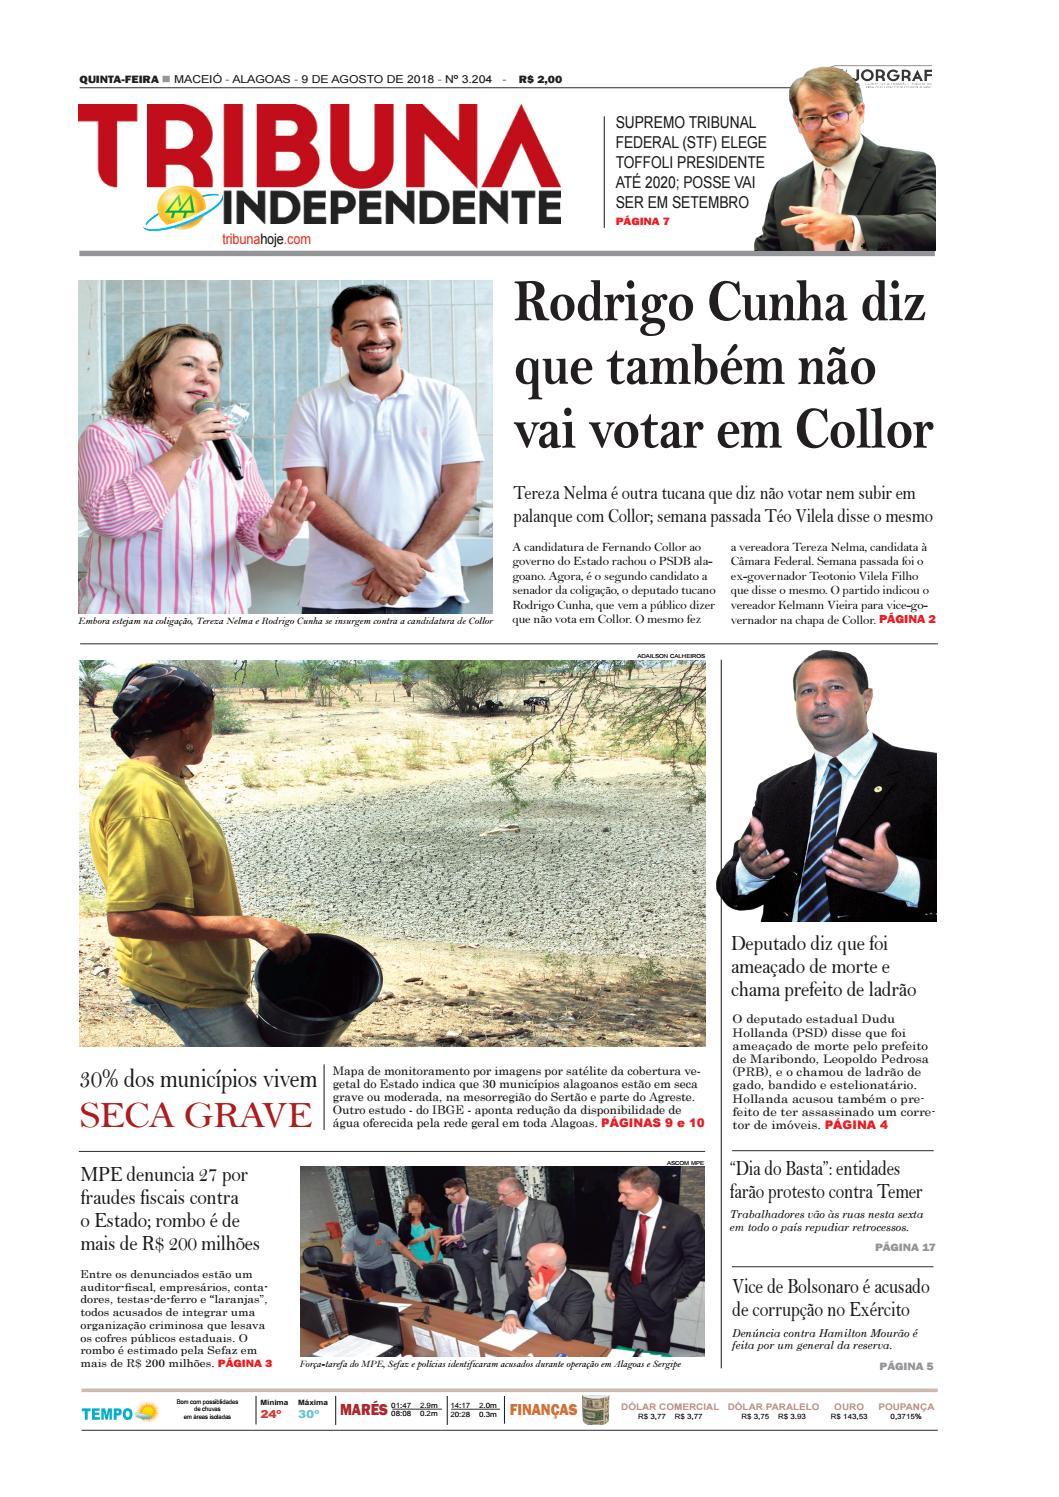 27d80672553 Edição número 3204 - 9 de agosto de 2018 by Tribuna Hoje - issuu